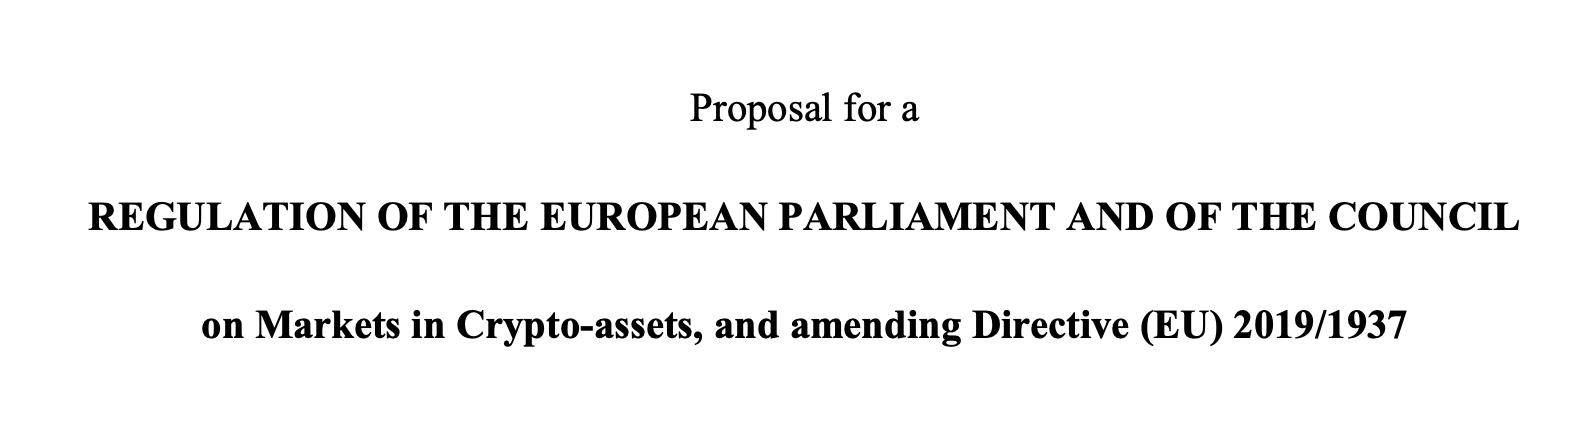 Rozporządzenie oparte na wyłączeniach, czyli nowa propozycja Komisji (UE) w sprawie uregulowania rynku krypto-aktywów. Pierwsze wrażenia